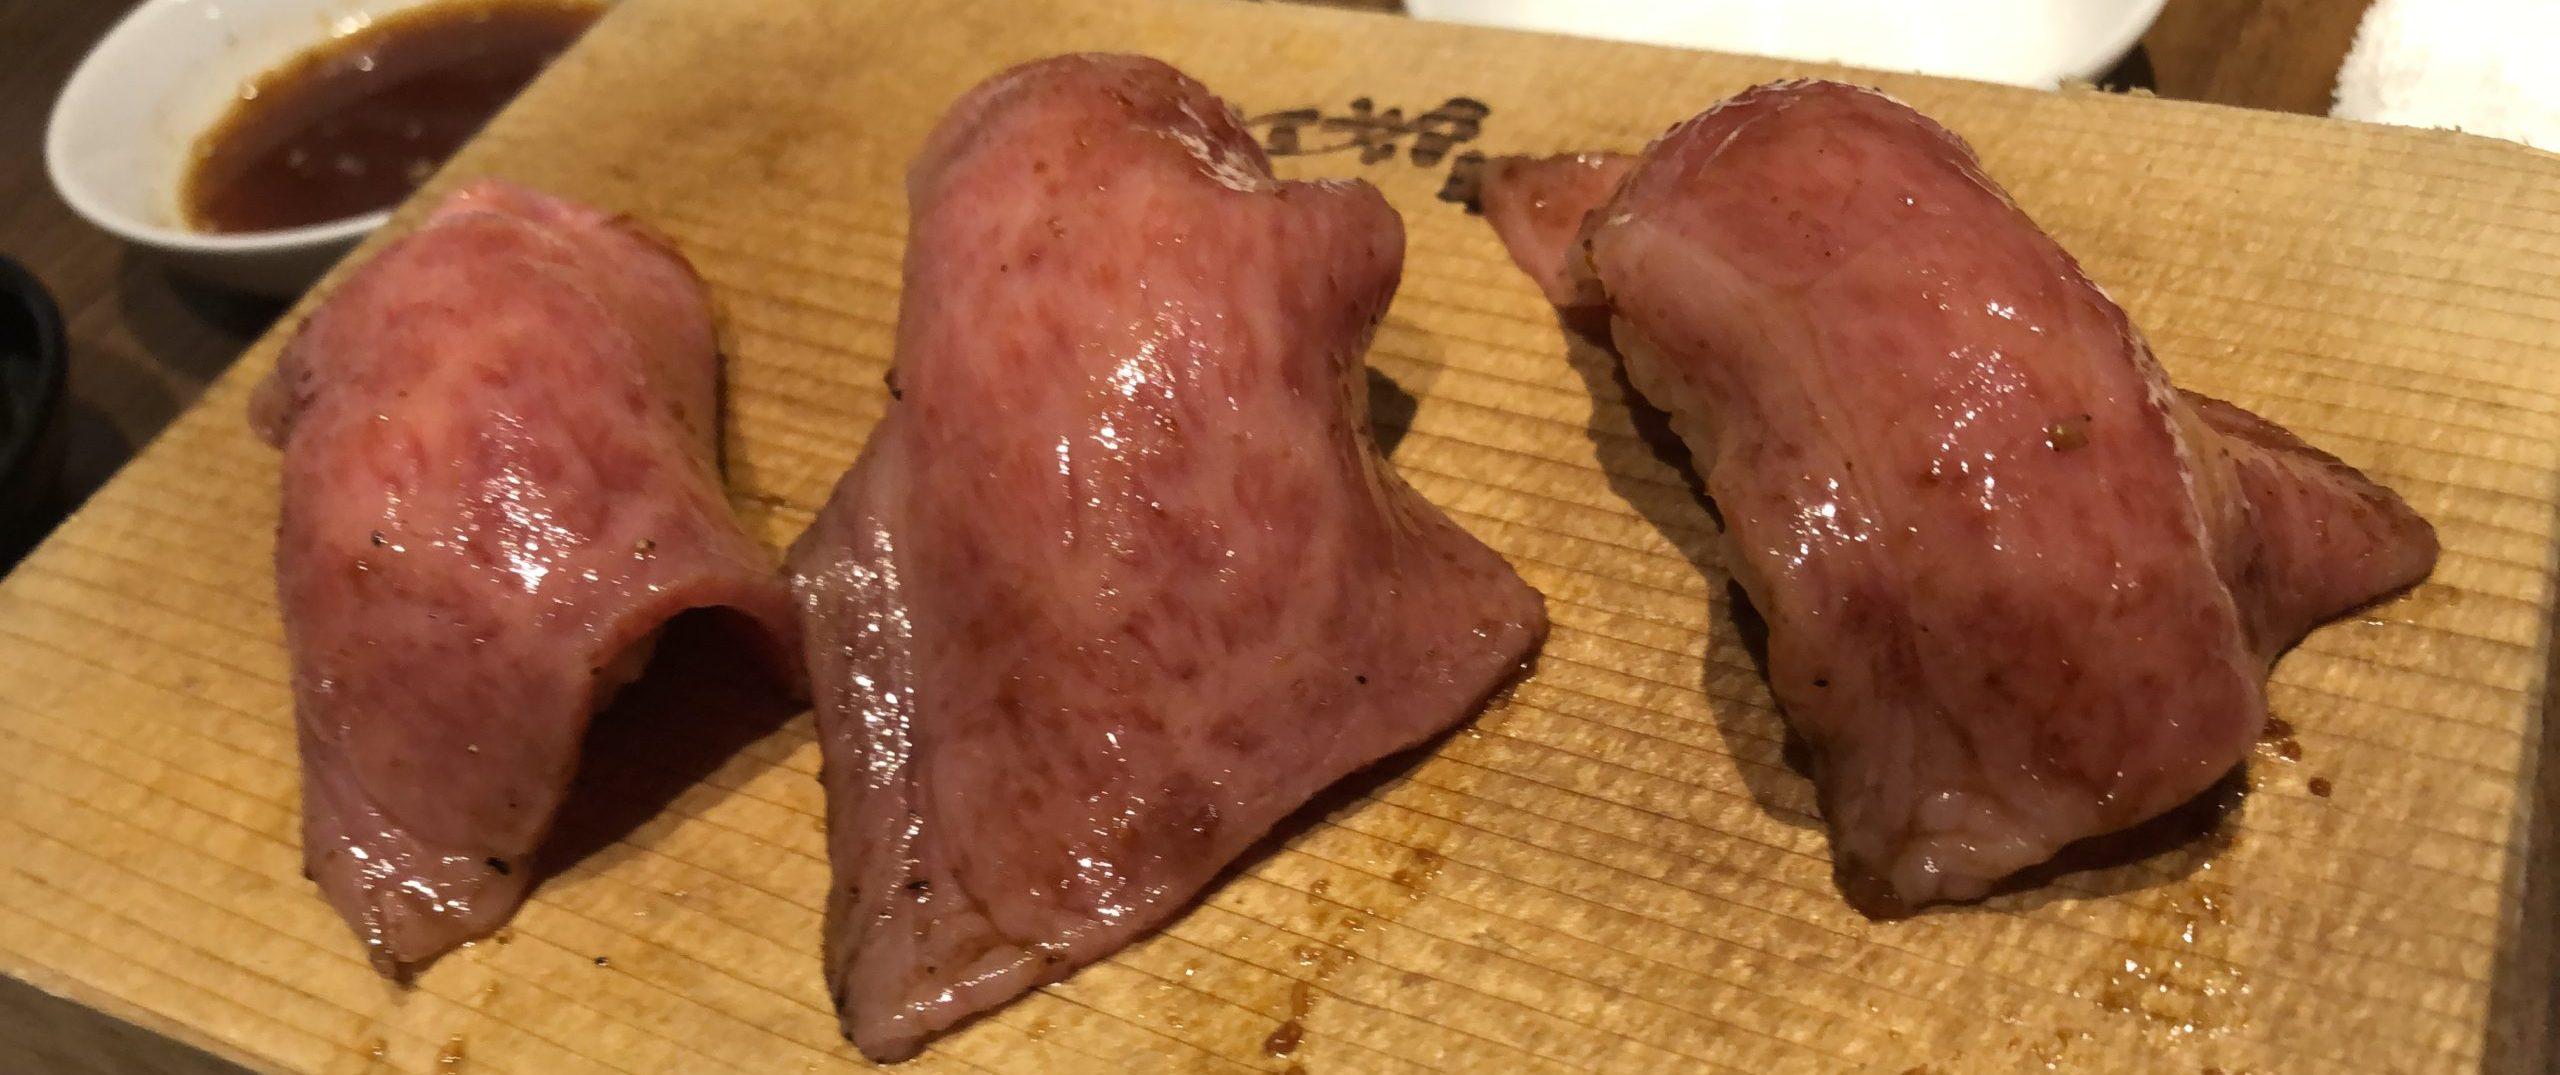 ランボルギーニウラカンavioをシェアし、野球観戦&焼肉デート。「焼肉ジャンボ」:東京 篠崎